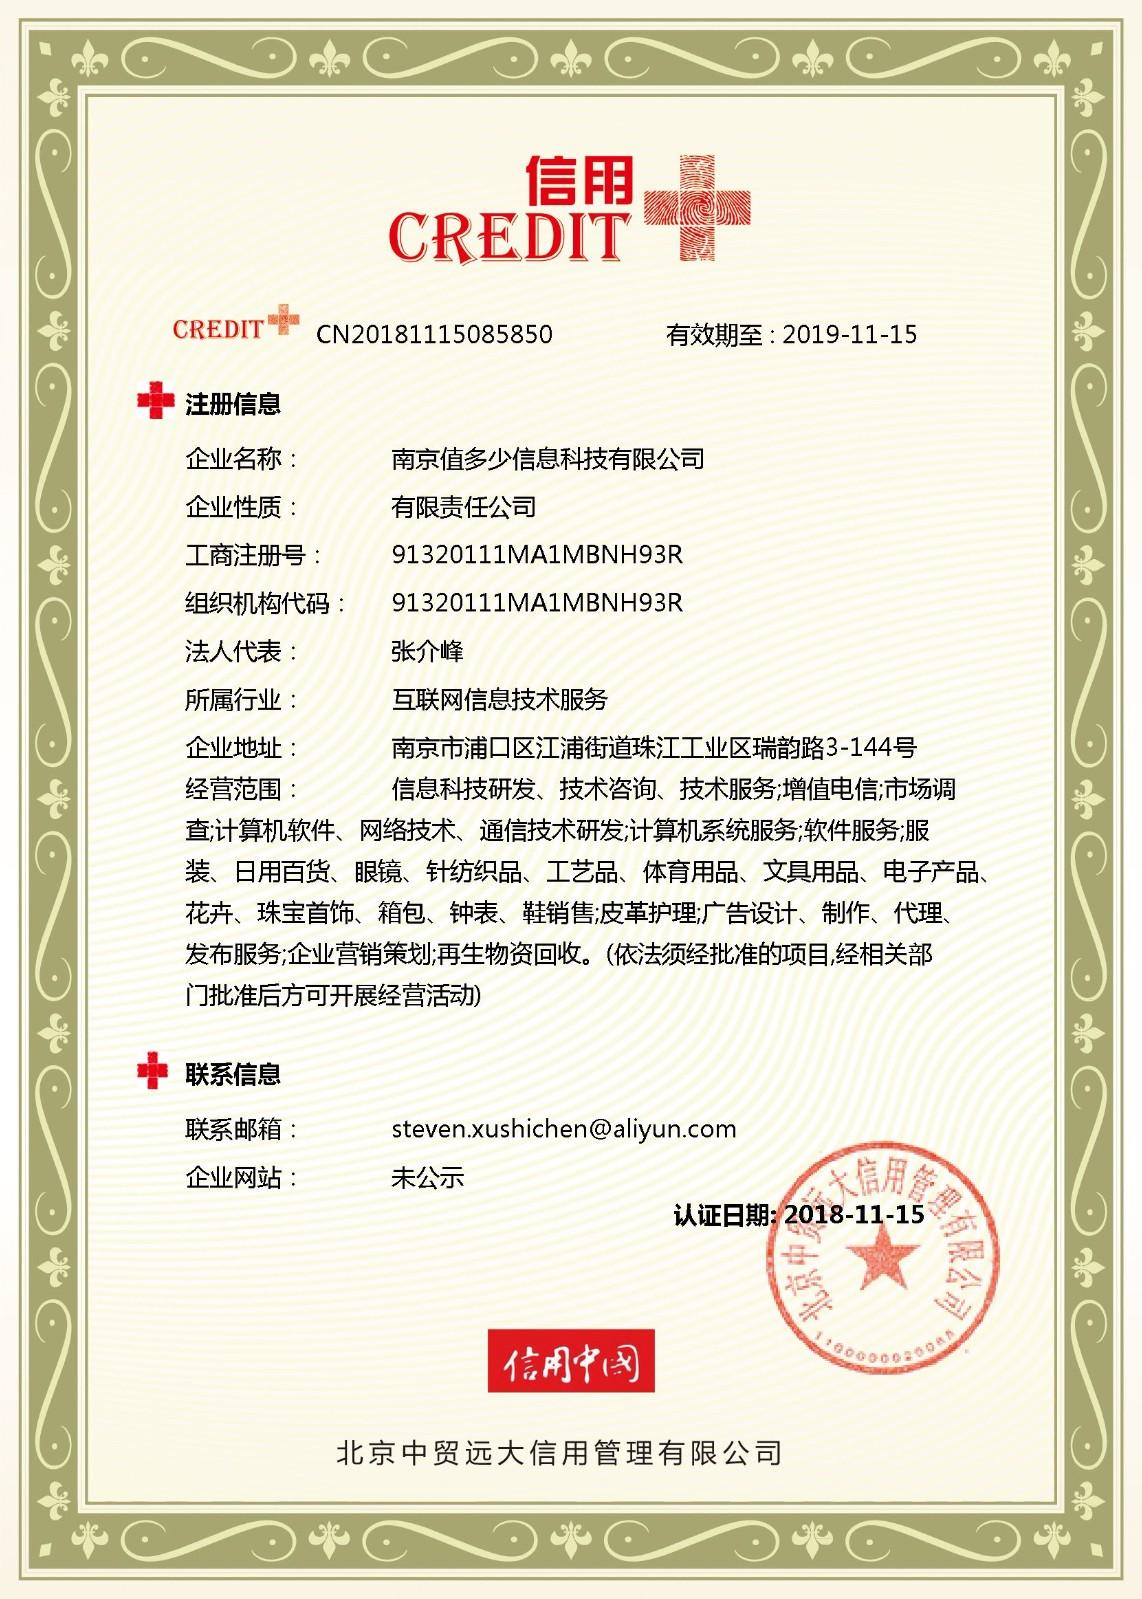 南京值多少信息科技有限公司.jpg